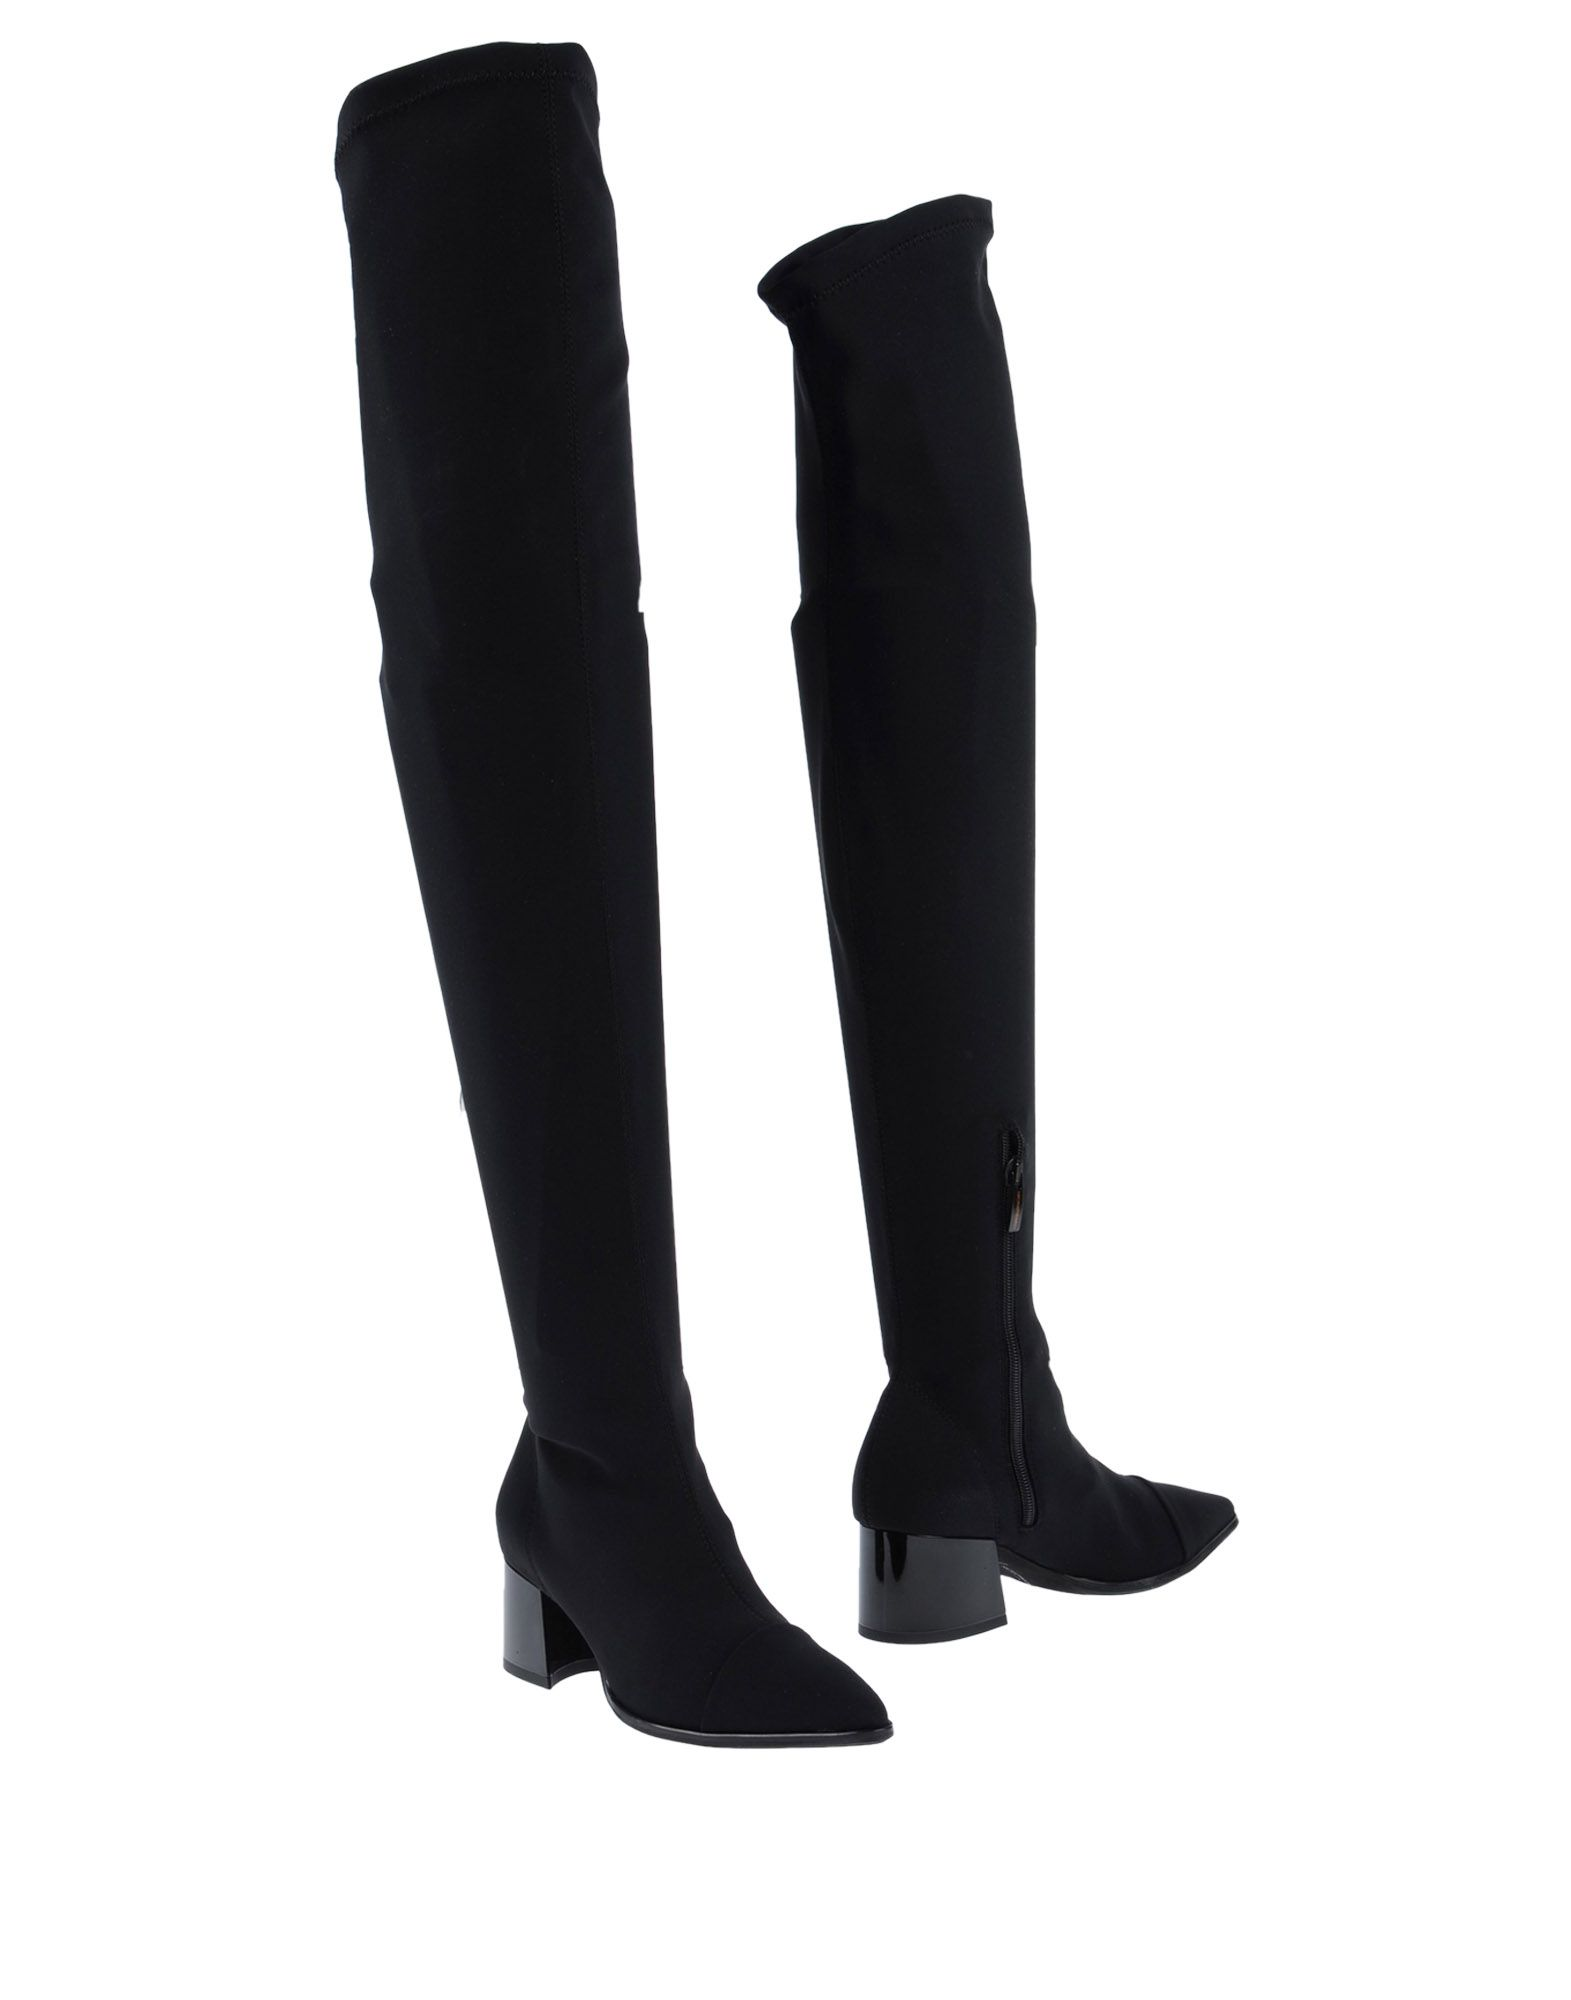 Nr Rapisardi Boots - Women Nr Rapisardi United Boots online on  United Rapisardi Kingdom - 11504965OM baa7d1